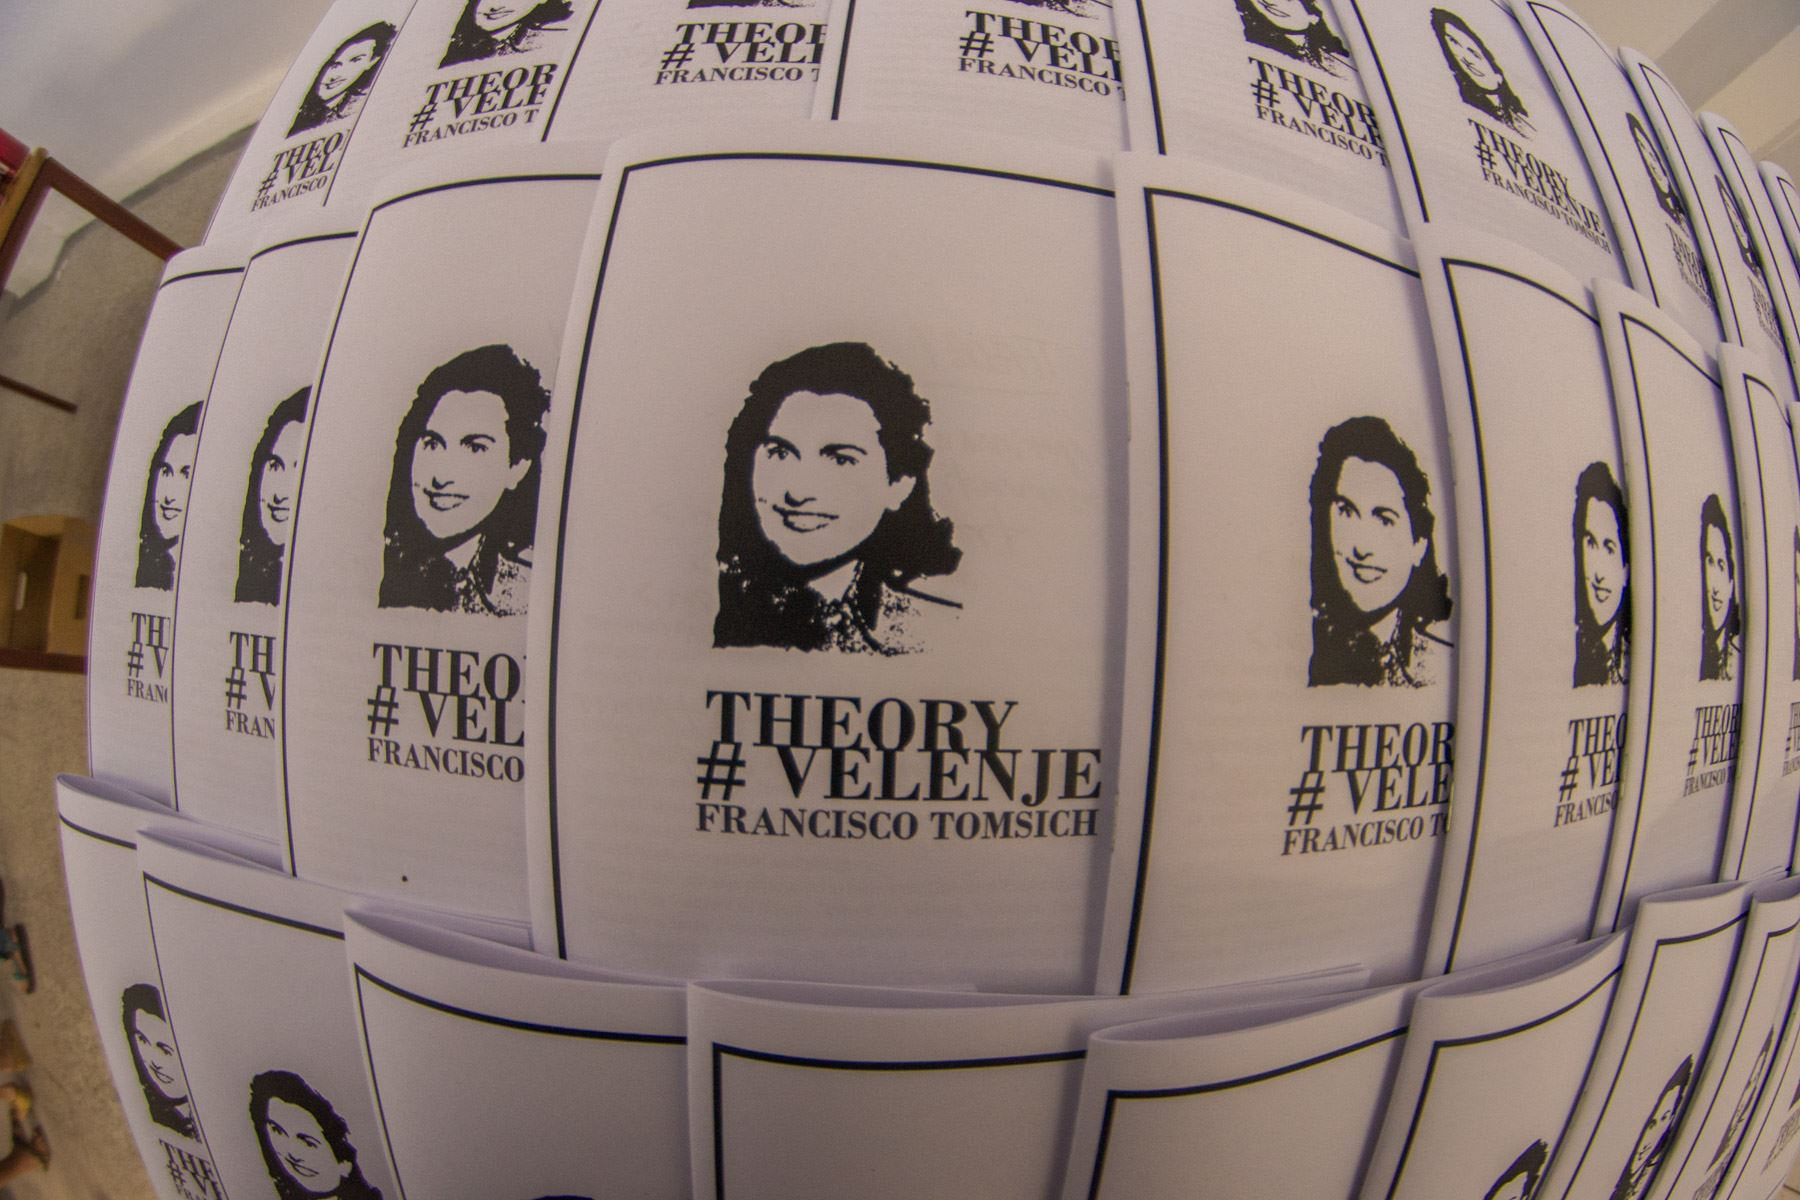 Teorija#Velenje